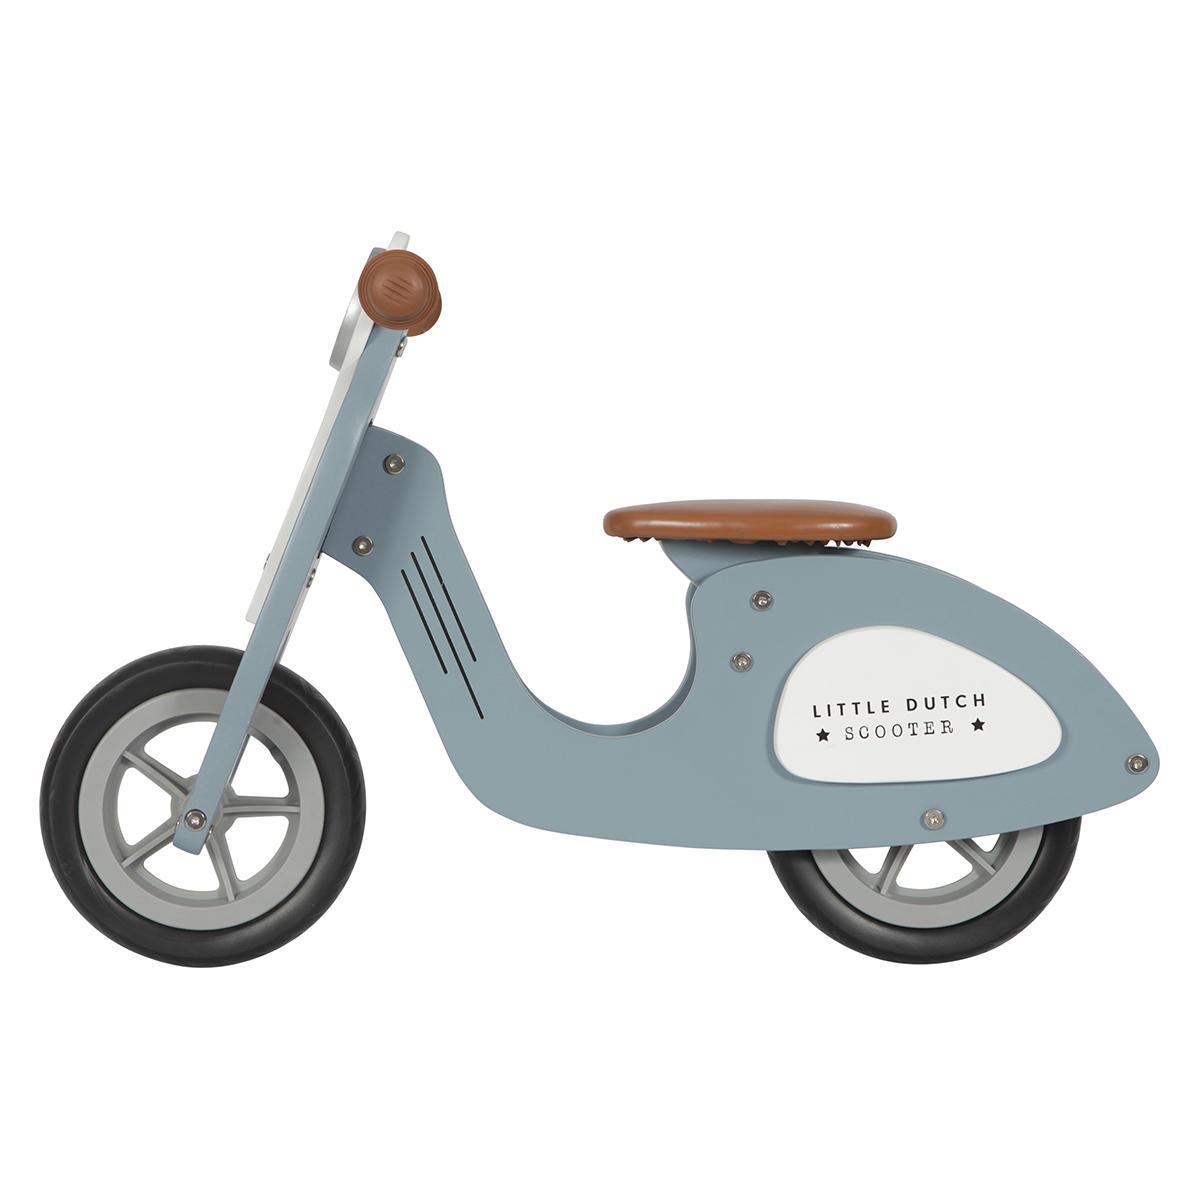 Trotteur & Porteur Draisienne Scooter en Bois - Bleu Draisienne Scooter en Bois - Bleu